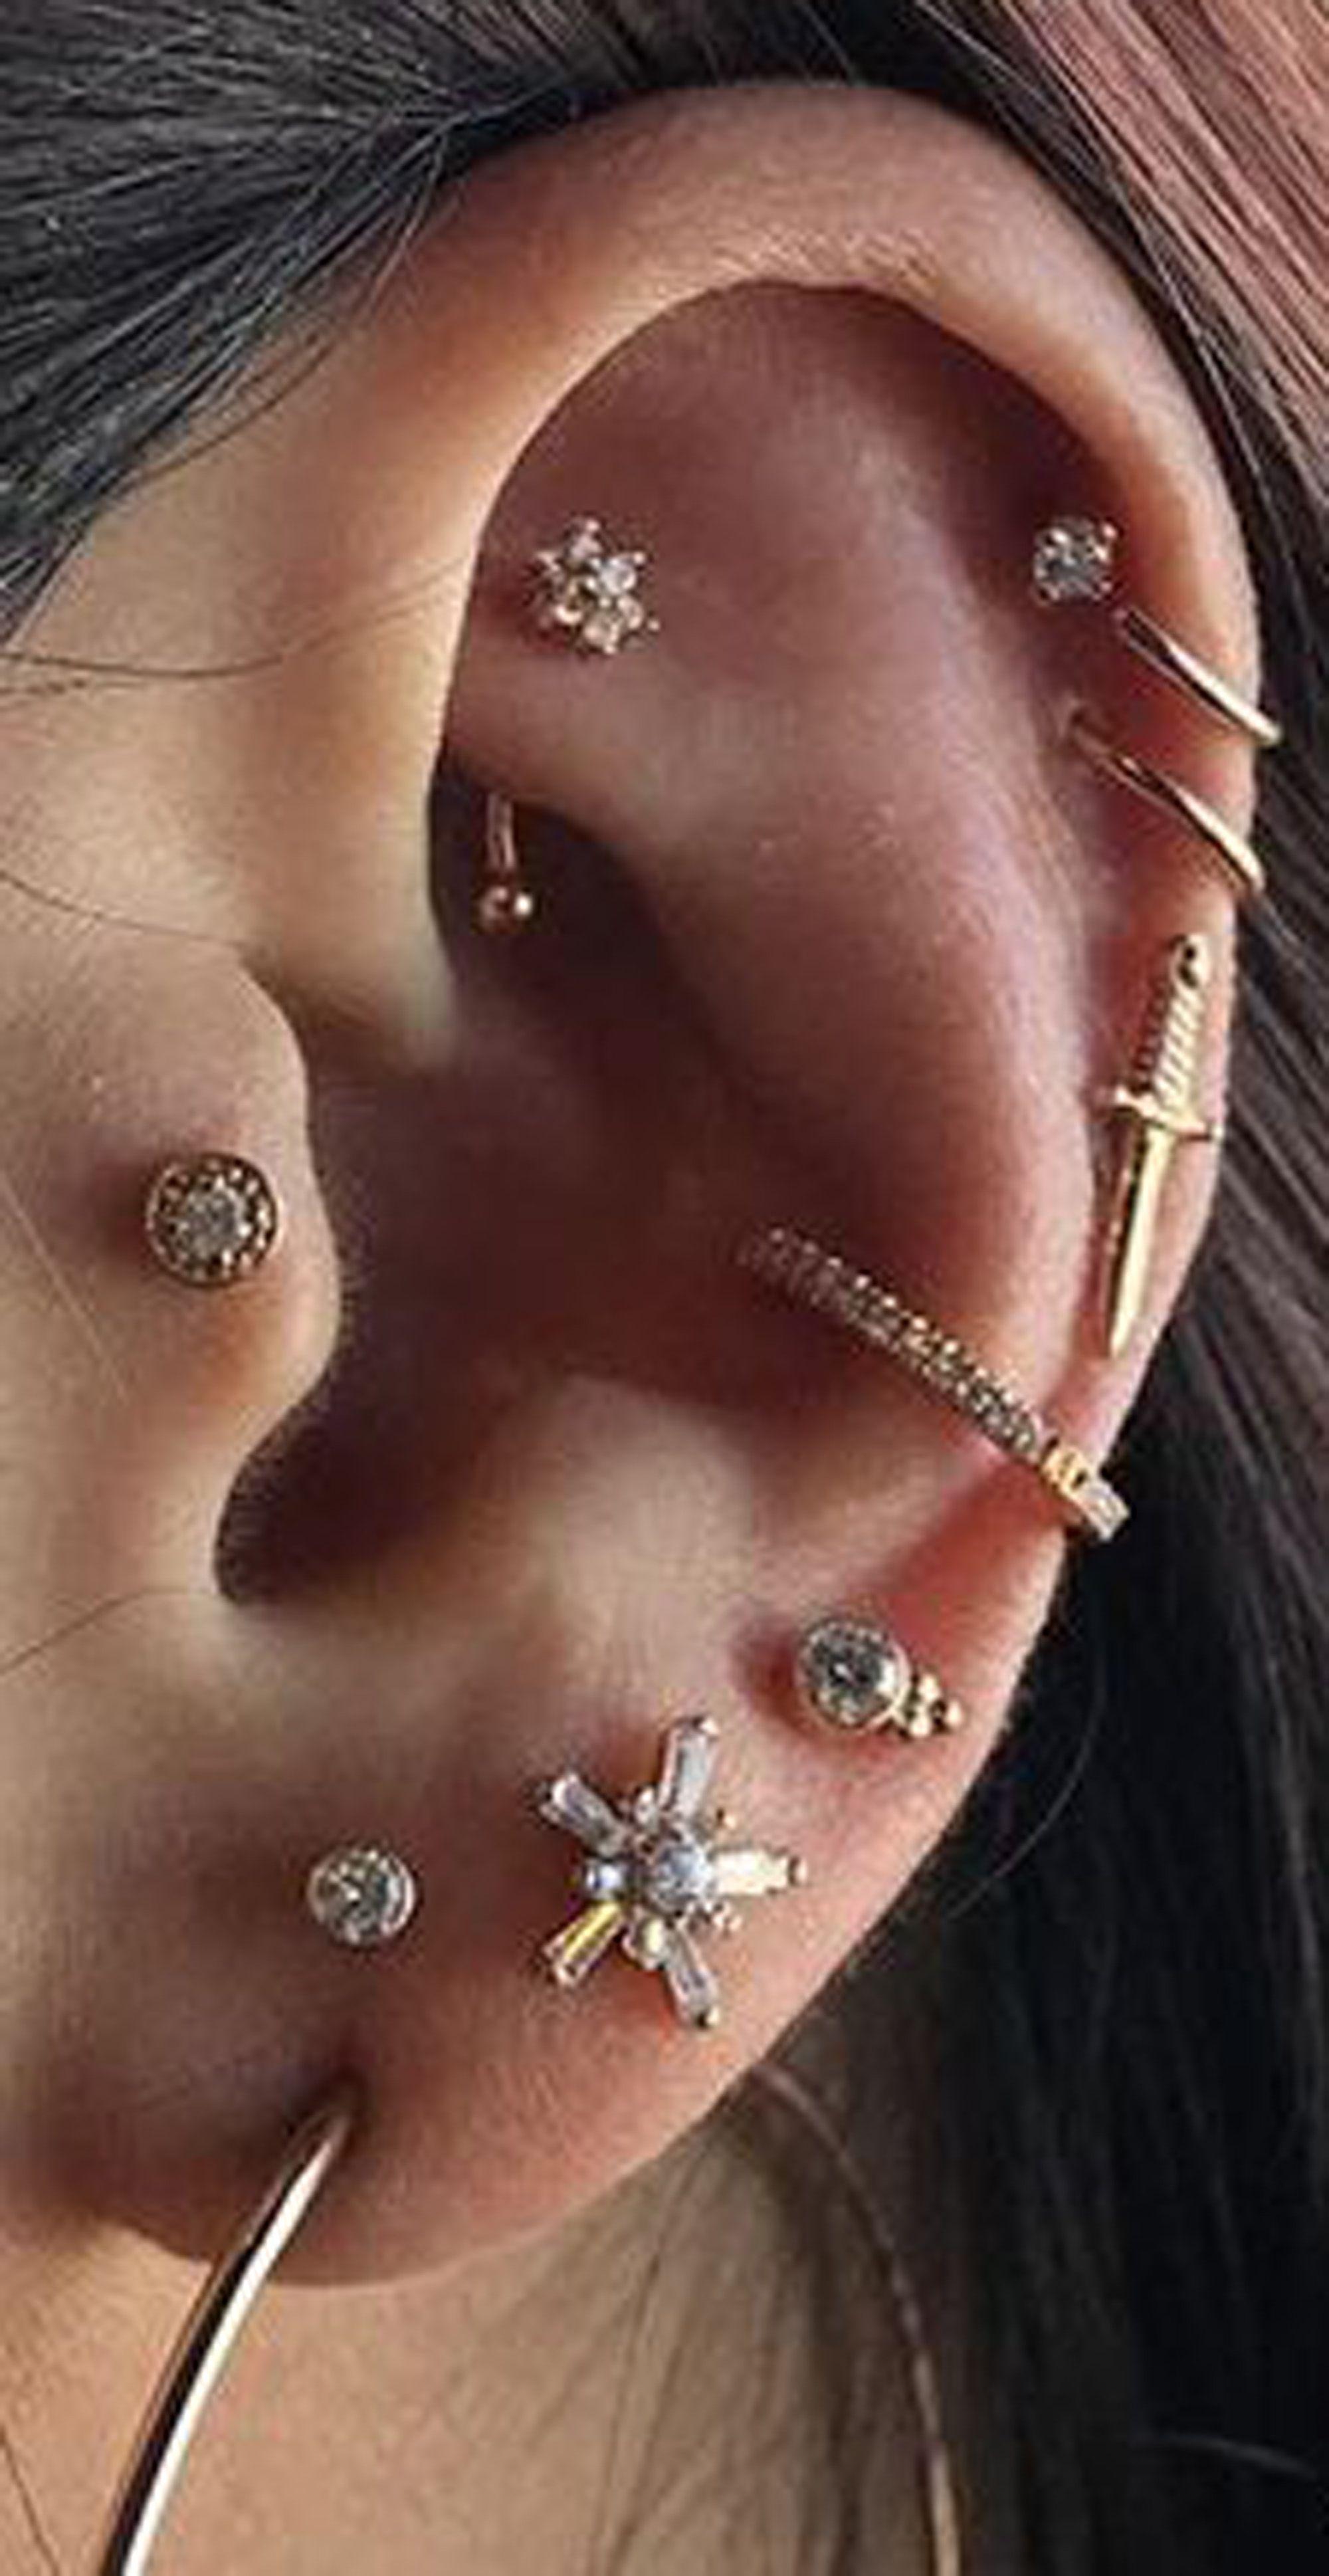 cute multiple ear piercing ideas for women flower rook jewelry conch ring hoop flower stud www.mybodiart.com #earpiercingideas